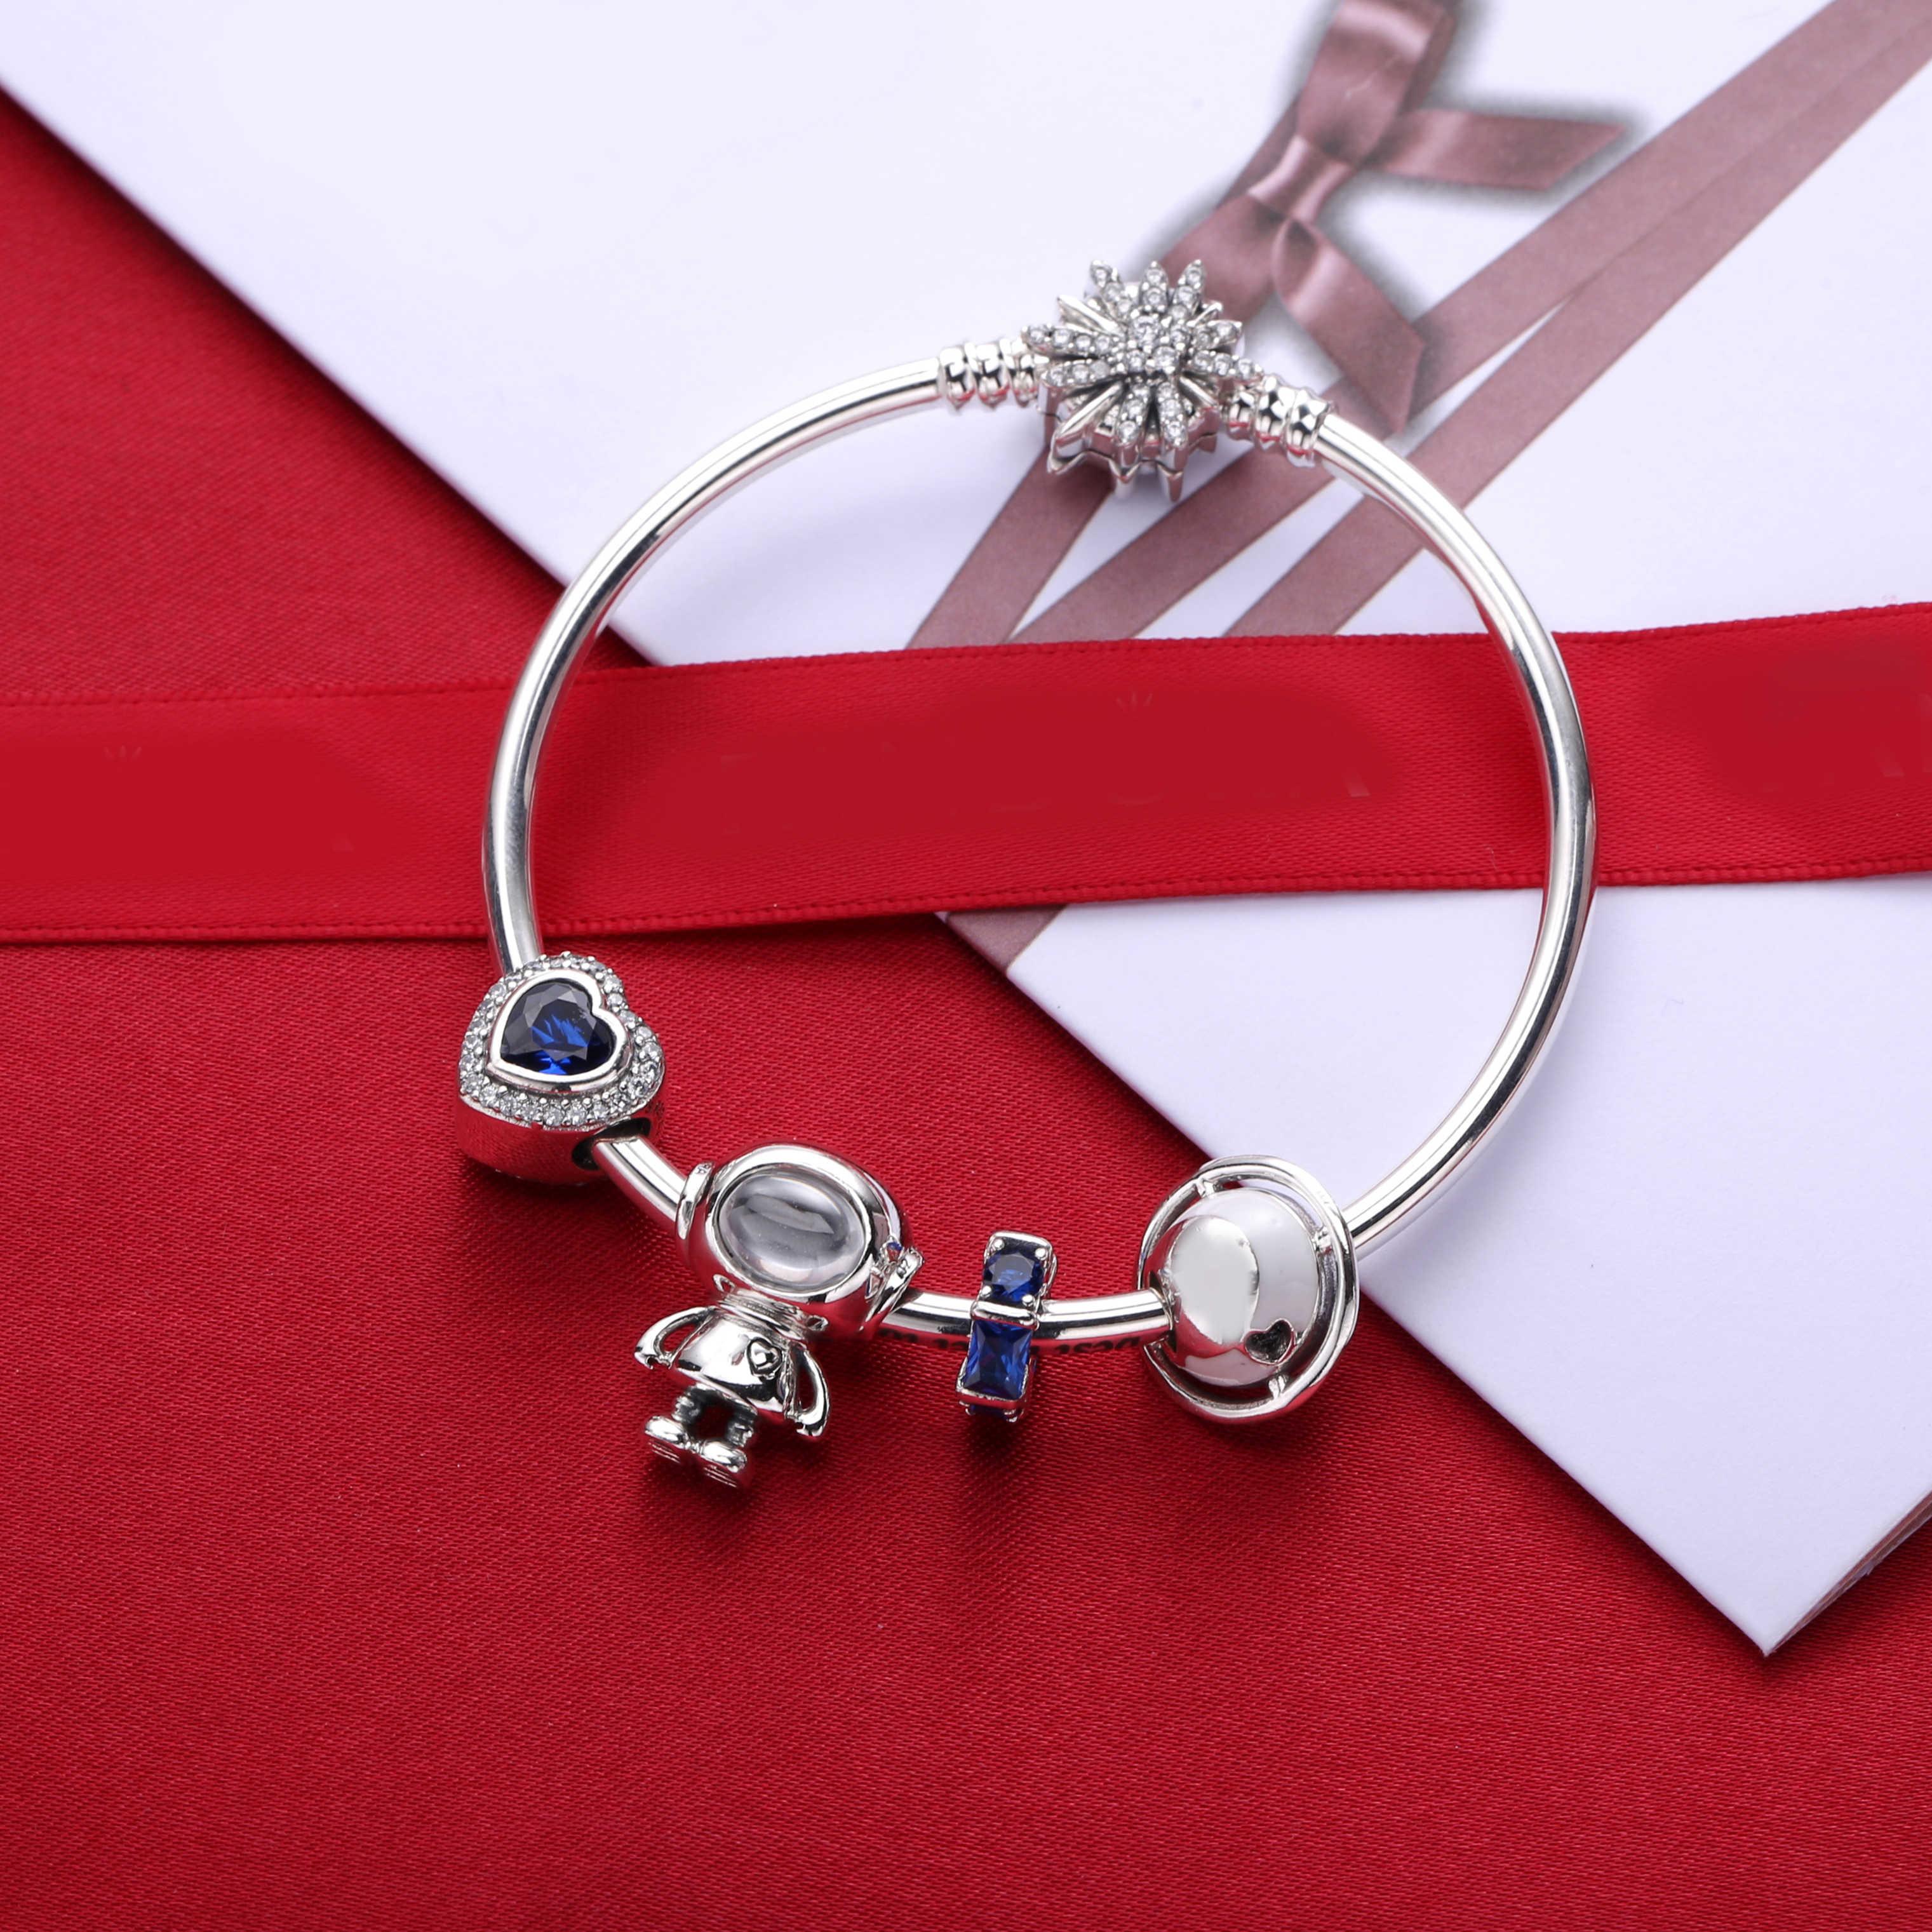 Ajax 100% 925 bijoux en argent Sterling auto-correspondant en forme de coeur mode bracelet à breloques pour les femmes cadeau d'anniversaire